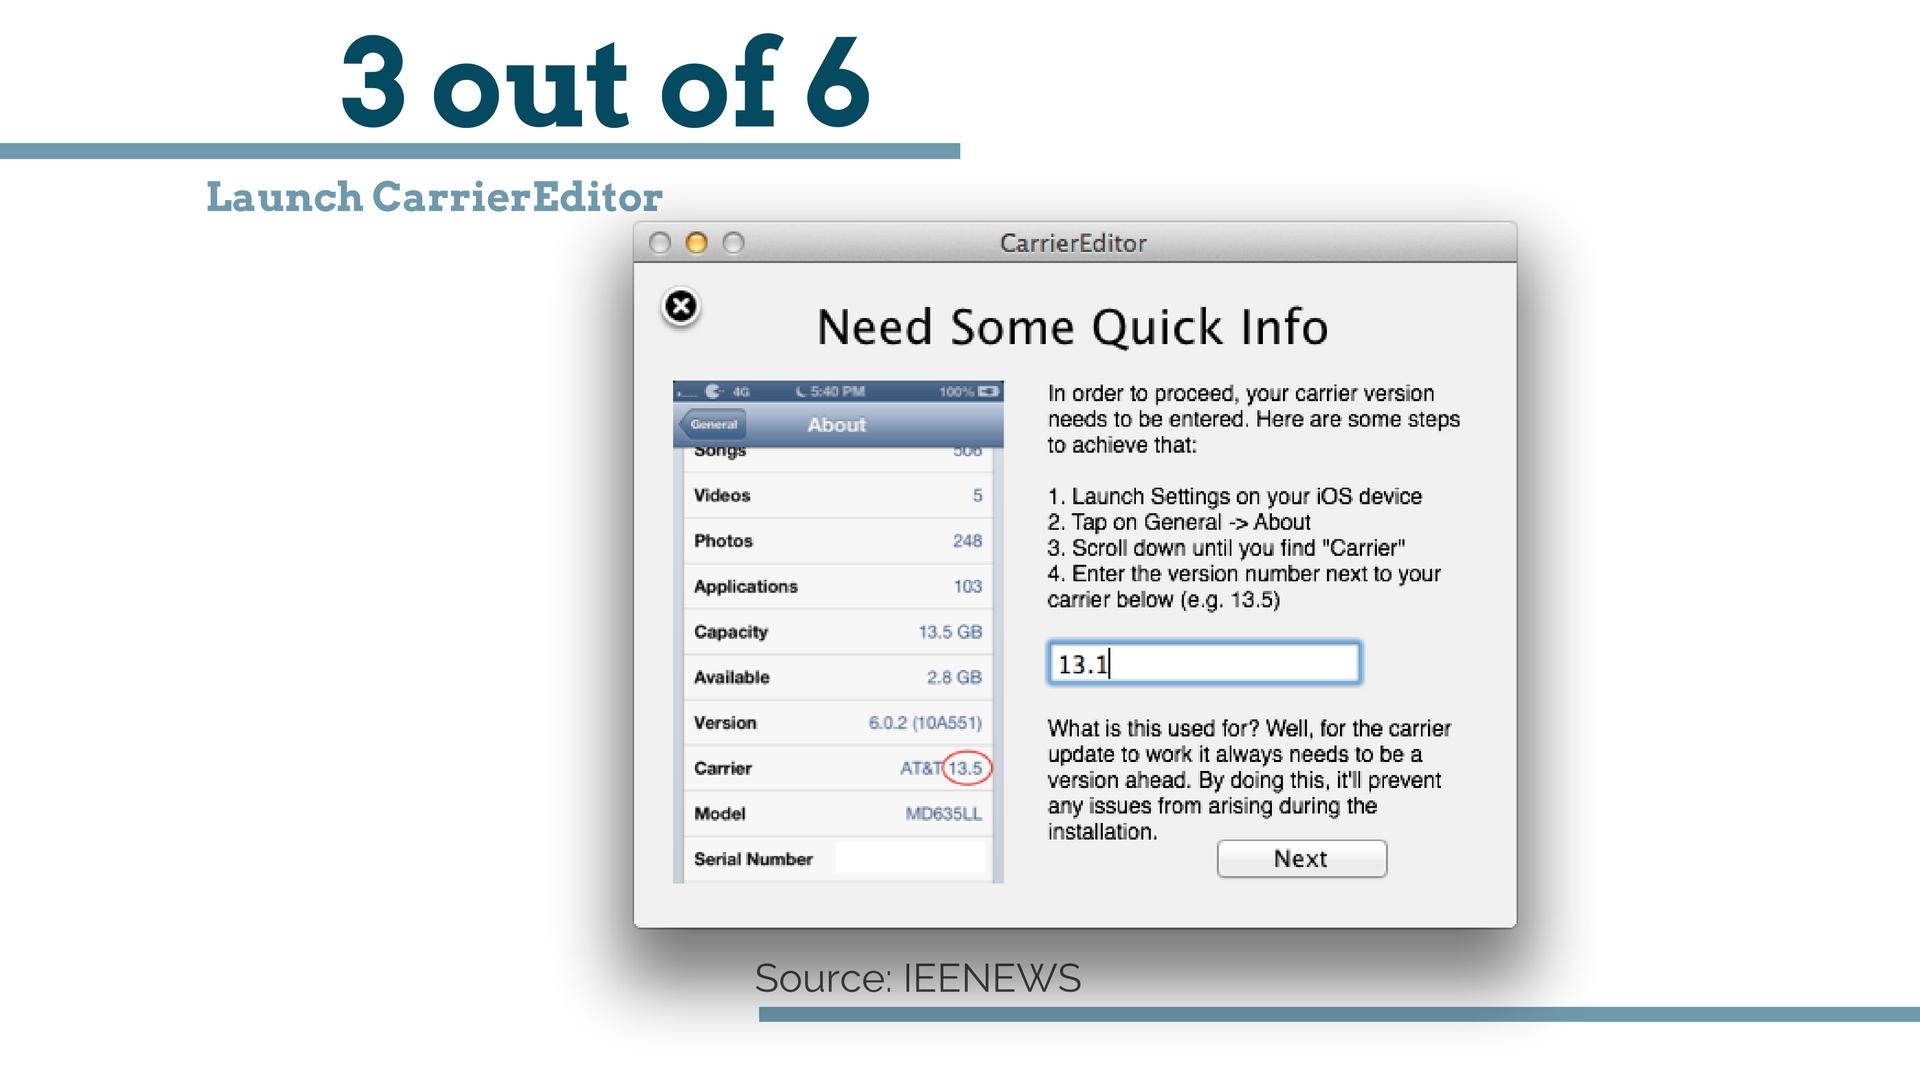 carriereditor для windows 7 скачать